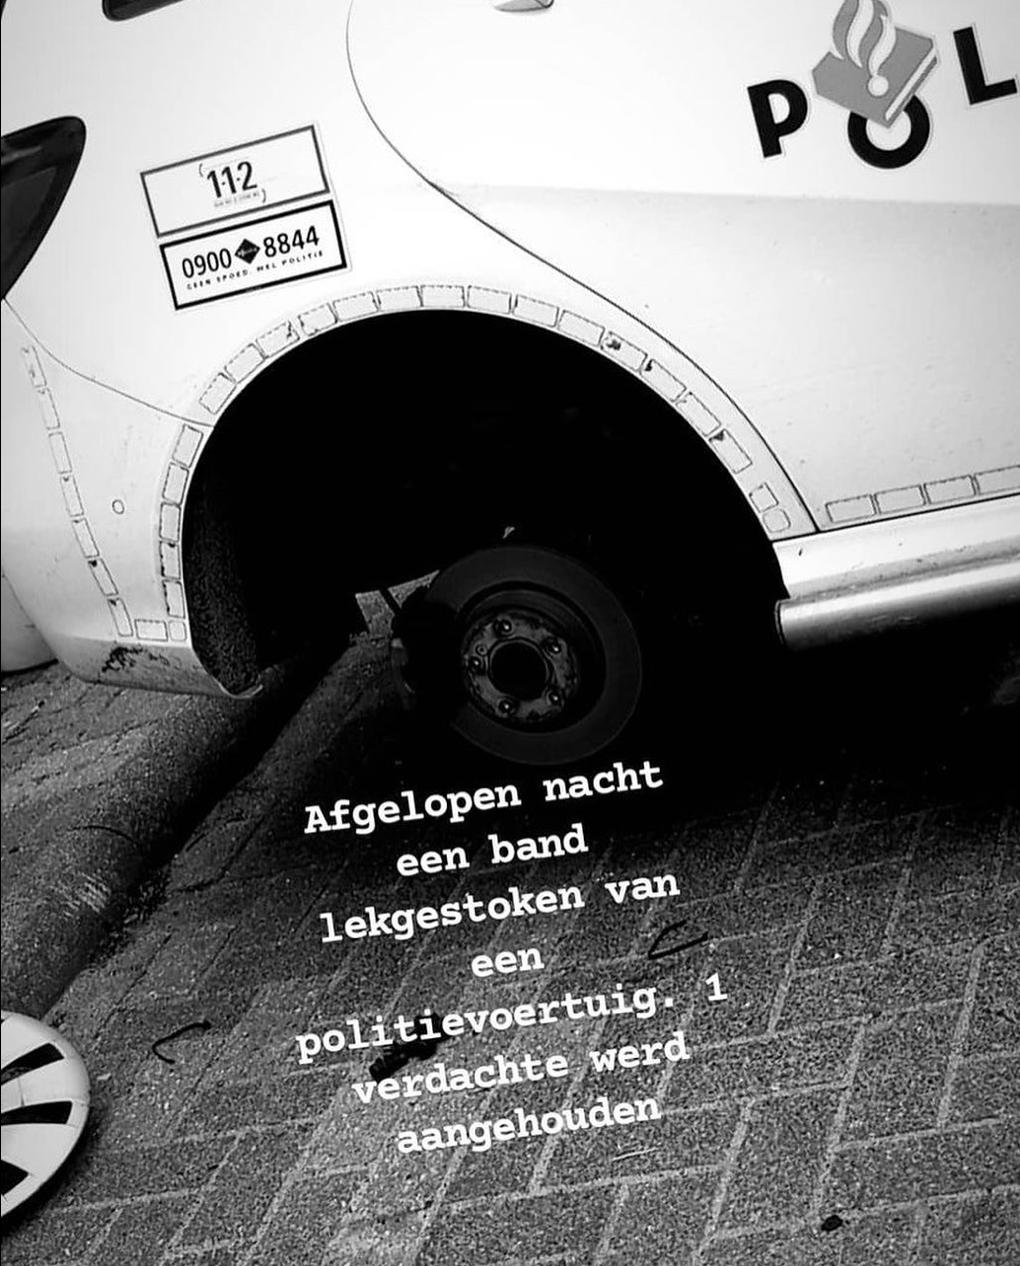 Persoon steekt band lek van politiewagen en wordt aangehouden in Katwijk, ook overtreding van de avondklok